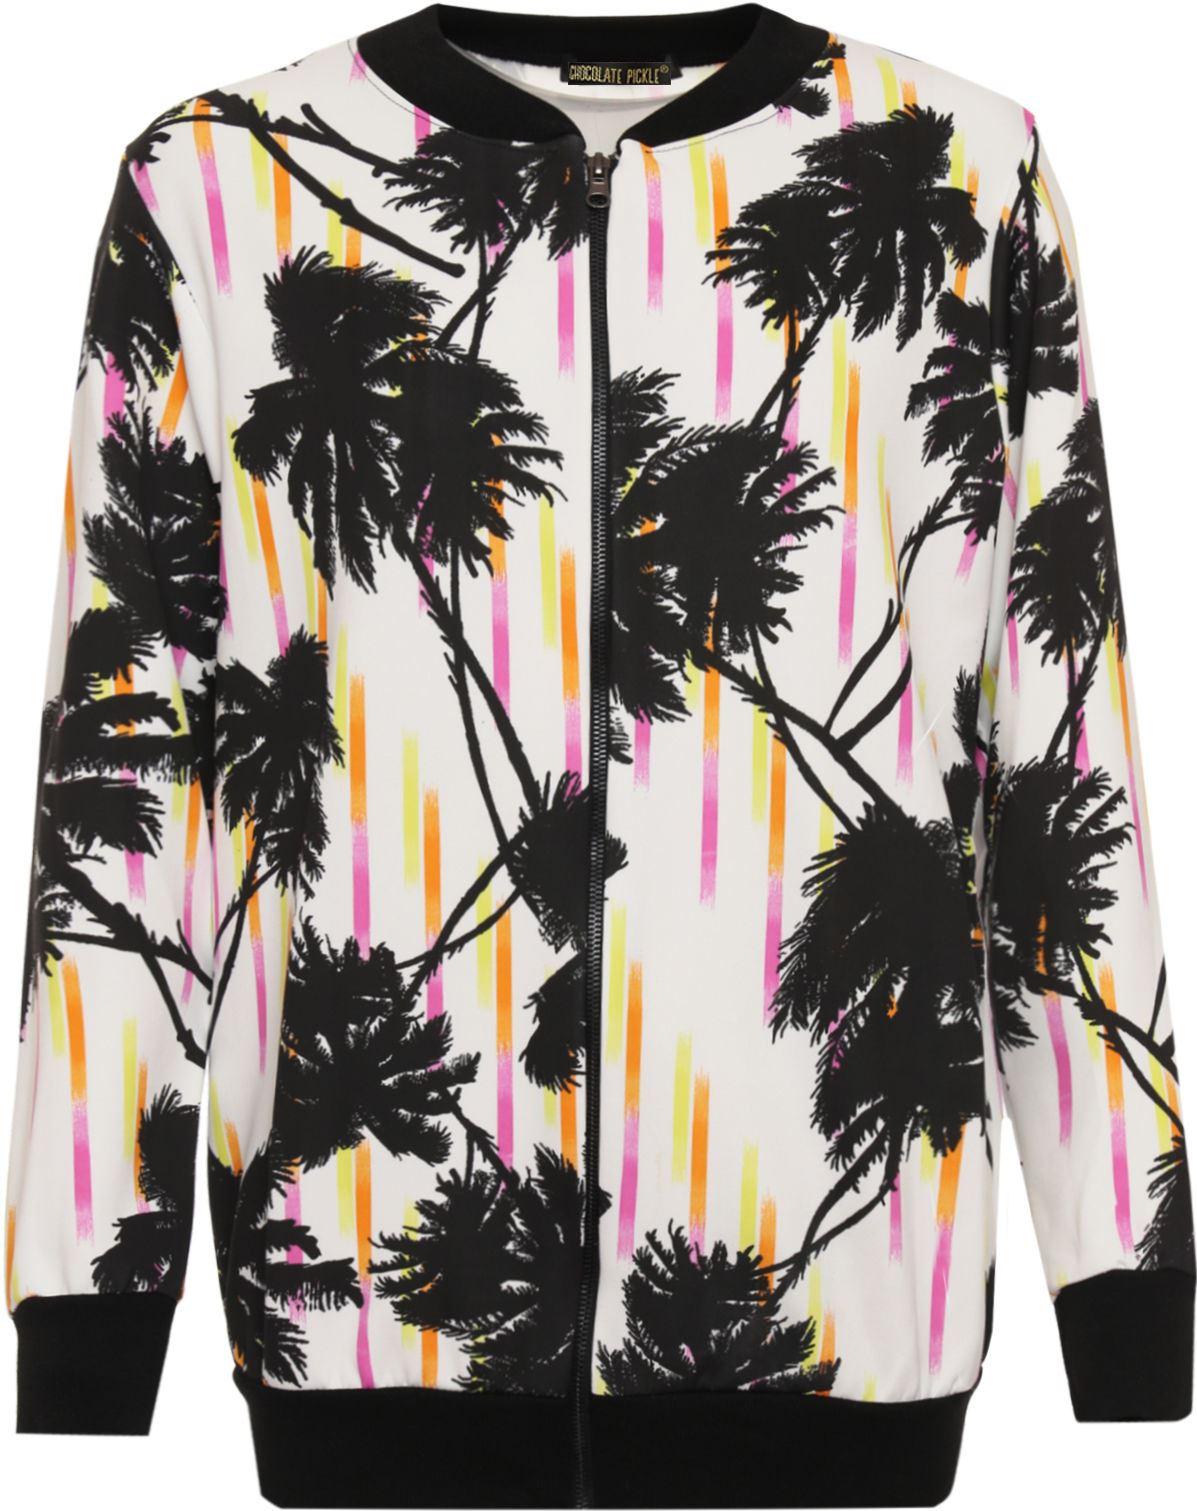 New Womens Leopard Print Full Zip Waist Band Summer Bomber Jacket 14-28